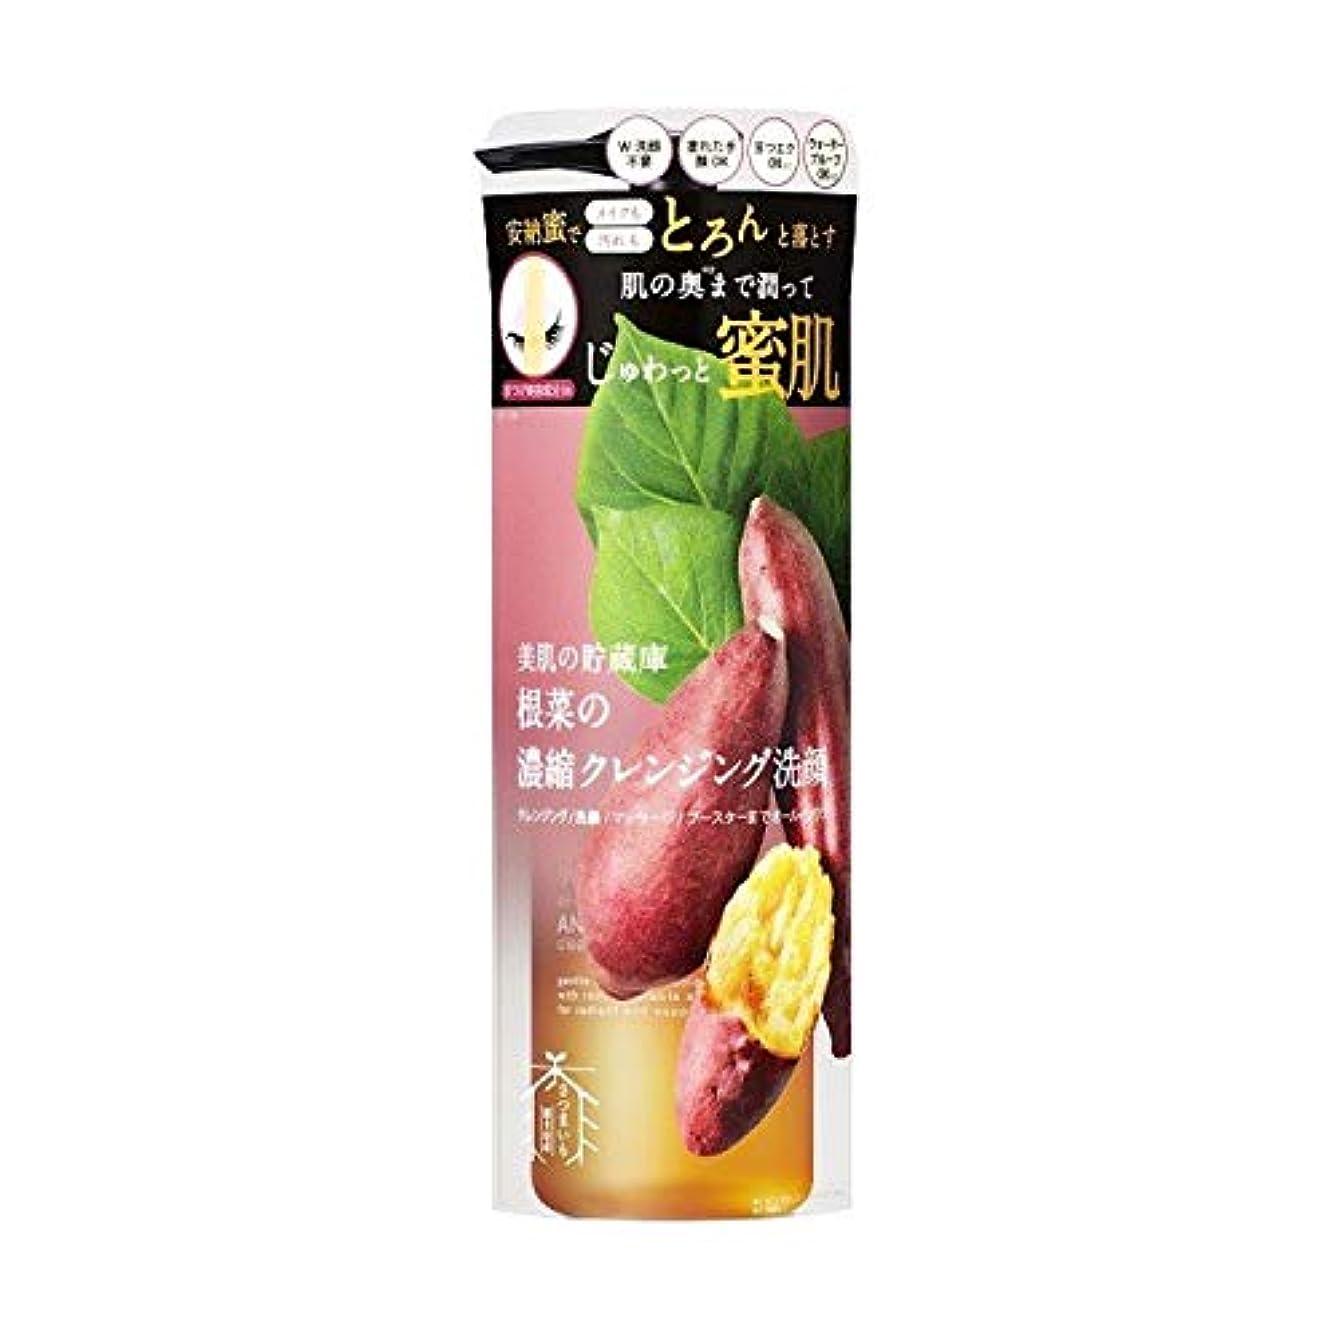 キロメートル宣言する鉱夫@cosme nippon 美肌の貯蔵庫 根菜の濃縮クレンジング洗顔 安納いも 200ml